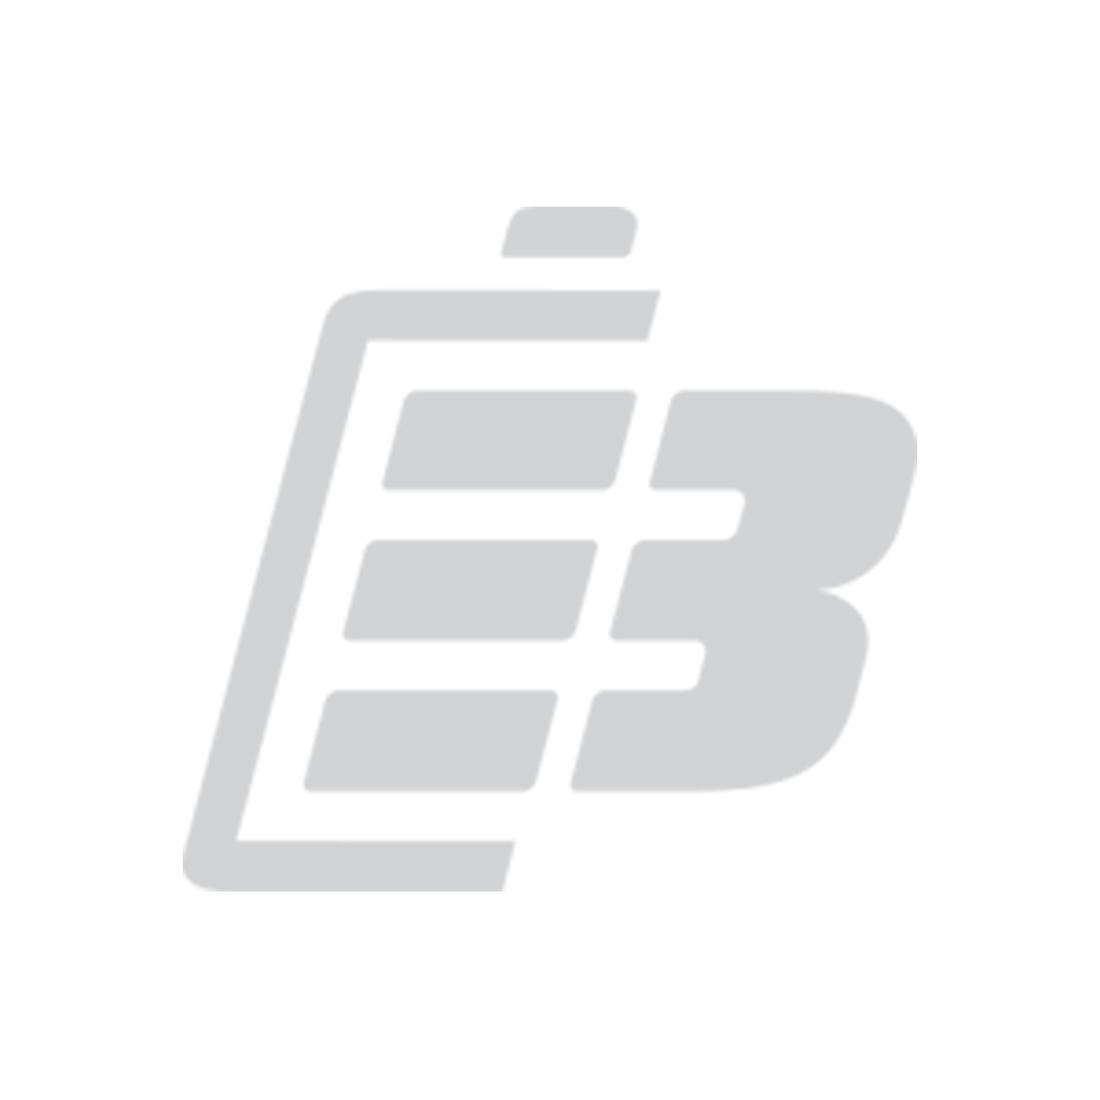 DURACELL-13N